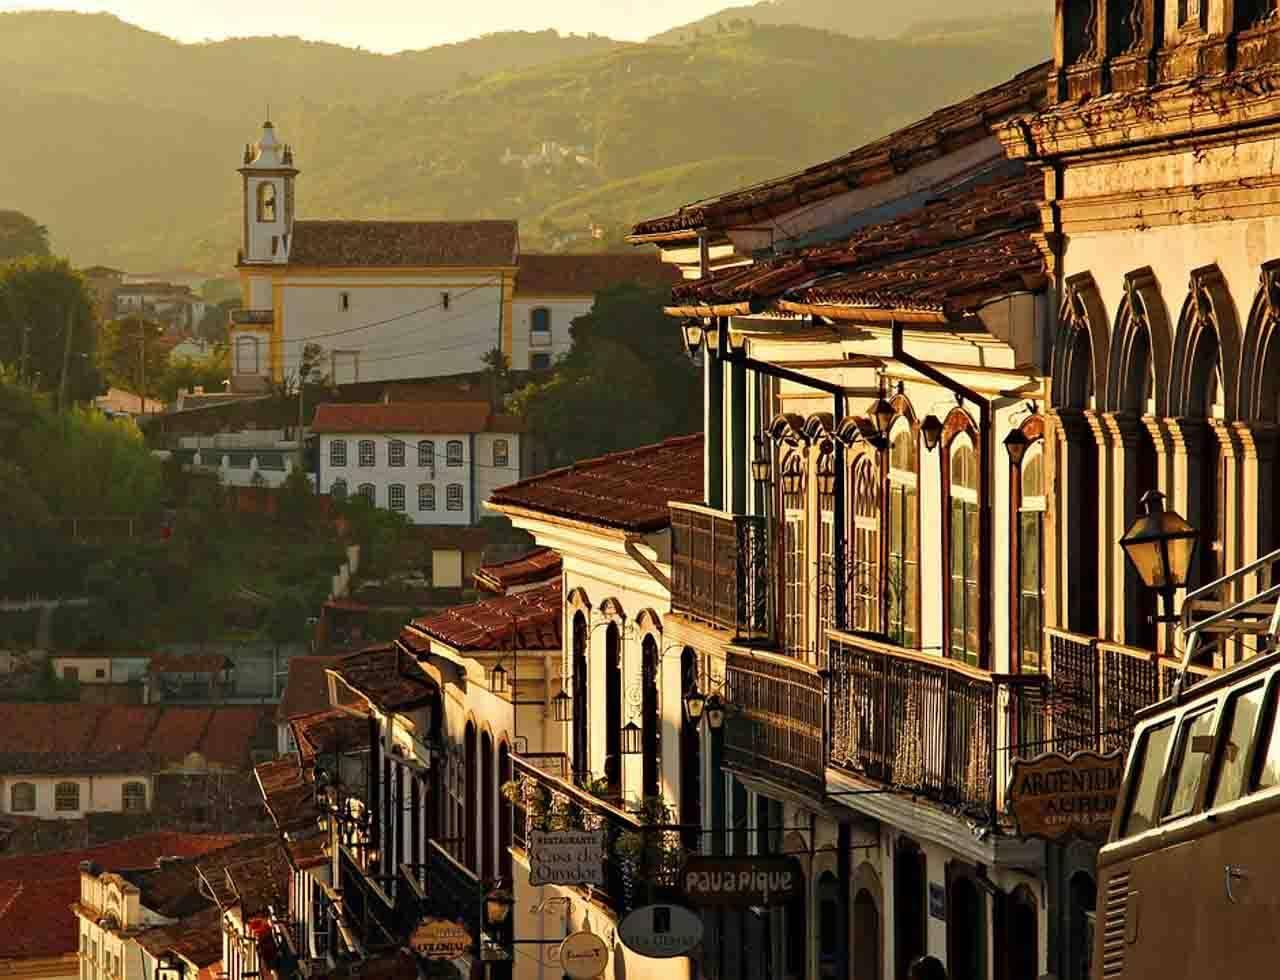 Cidade de Ouro Preto, uma das mais conhecidas cidades históricas pela sua história e arquitetura do Brasil.